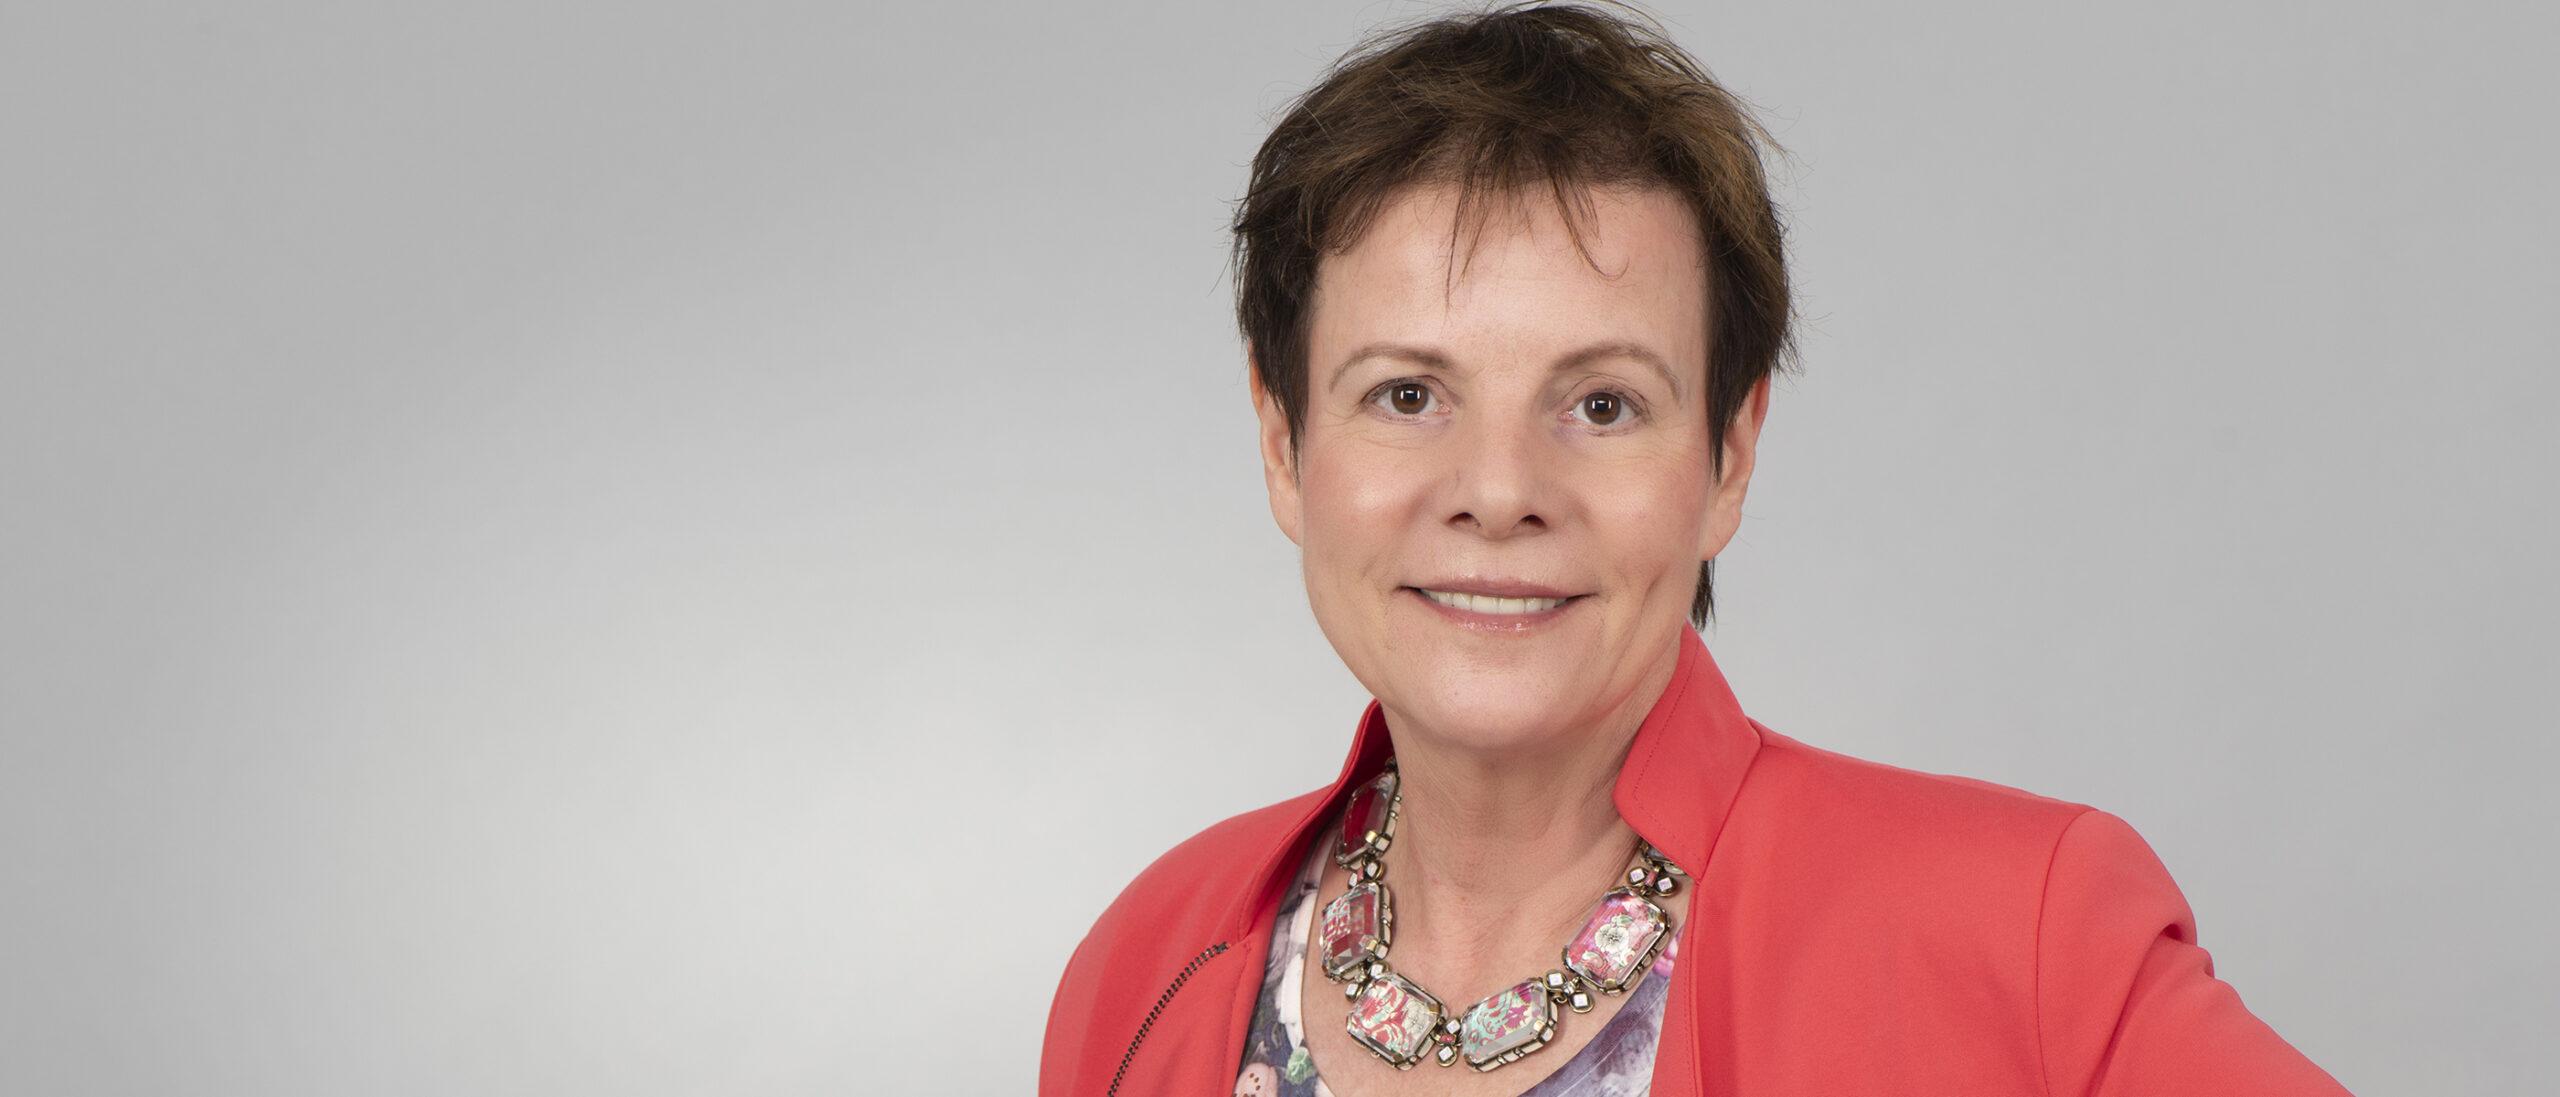 GASTGold Präsidentin Uta Bühler